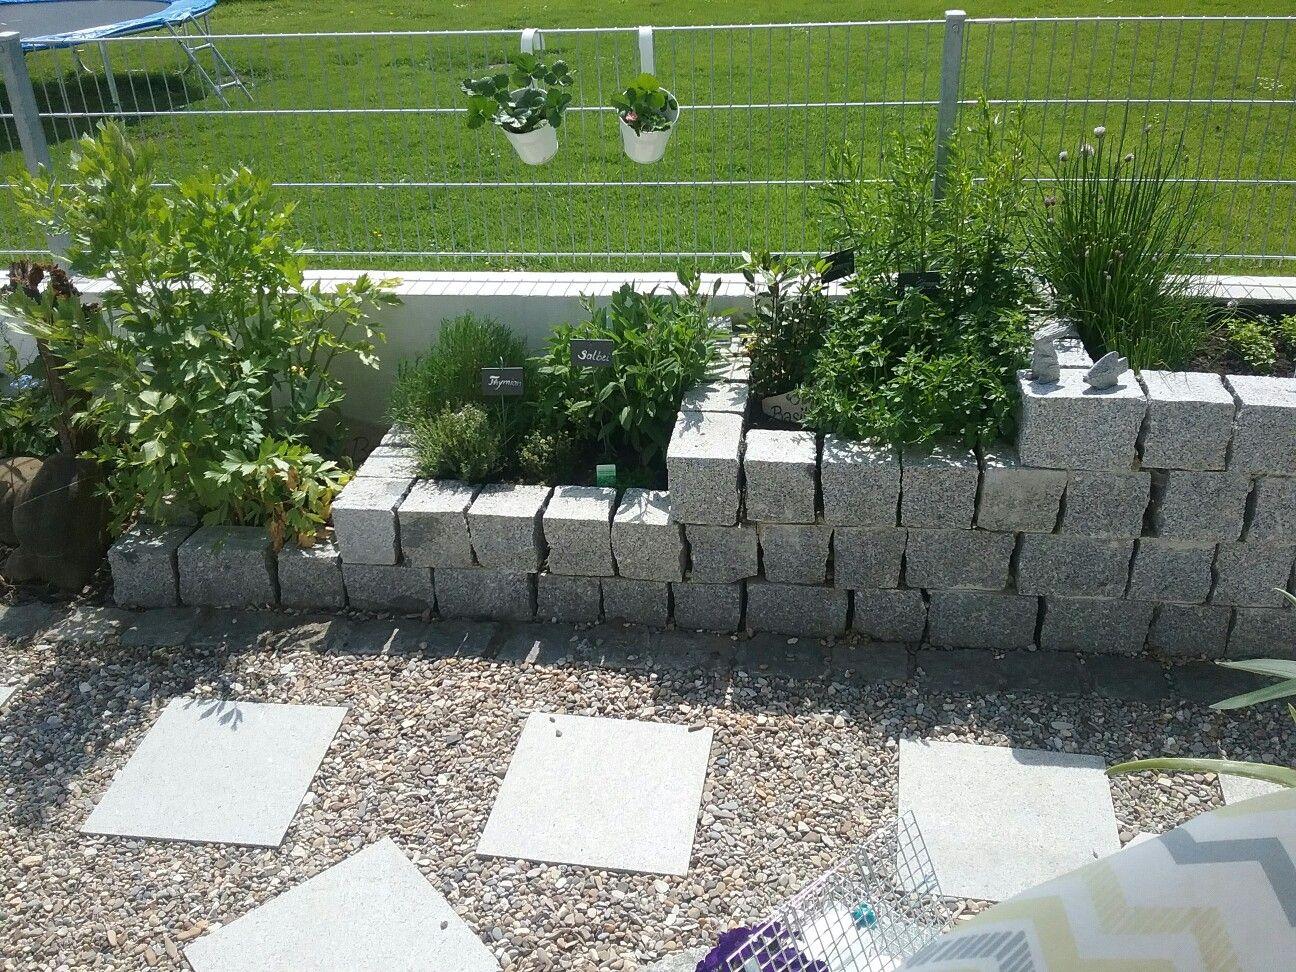 Krauter Im Hochbeet Aus Graniteinfassung Garten Krauterbeet Gemusebeet